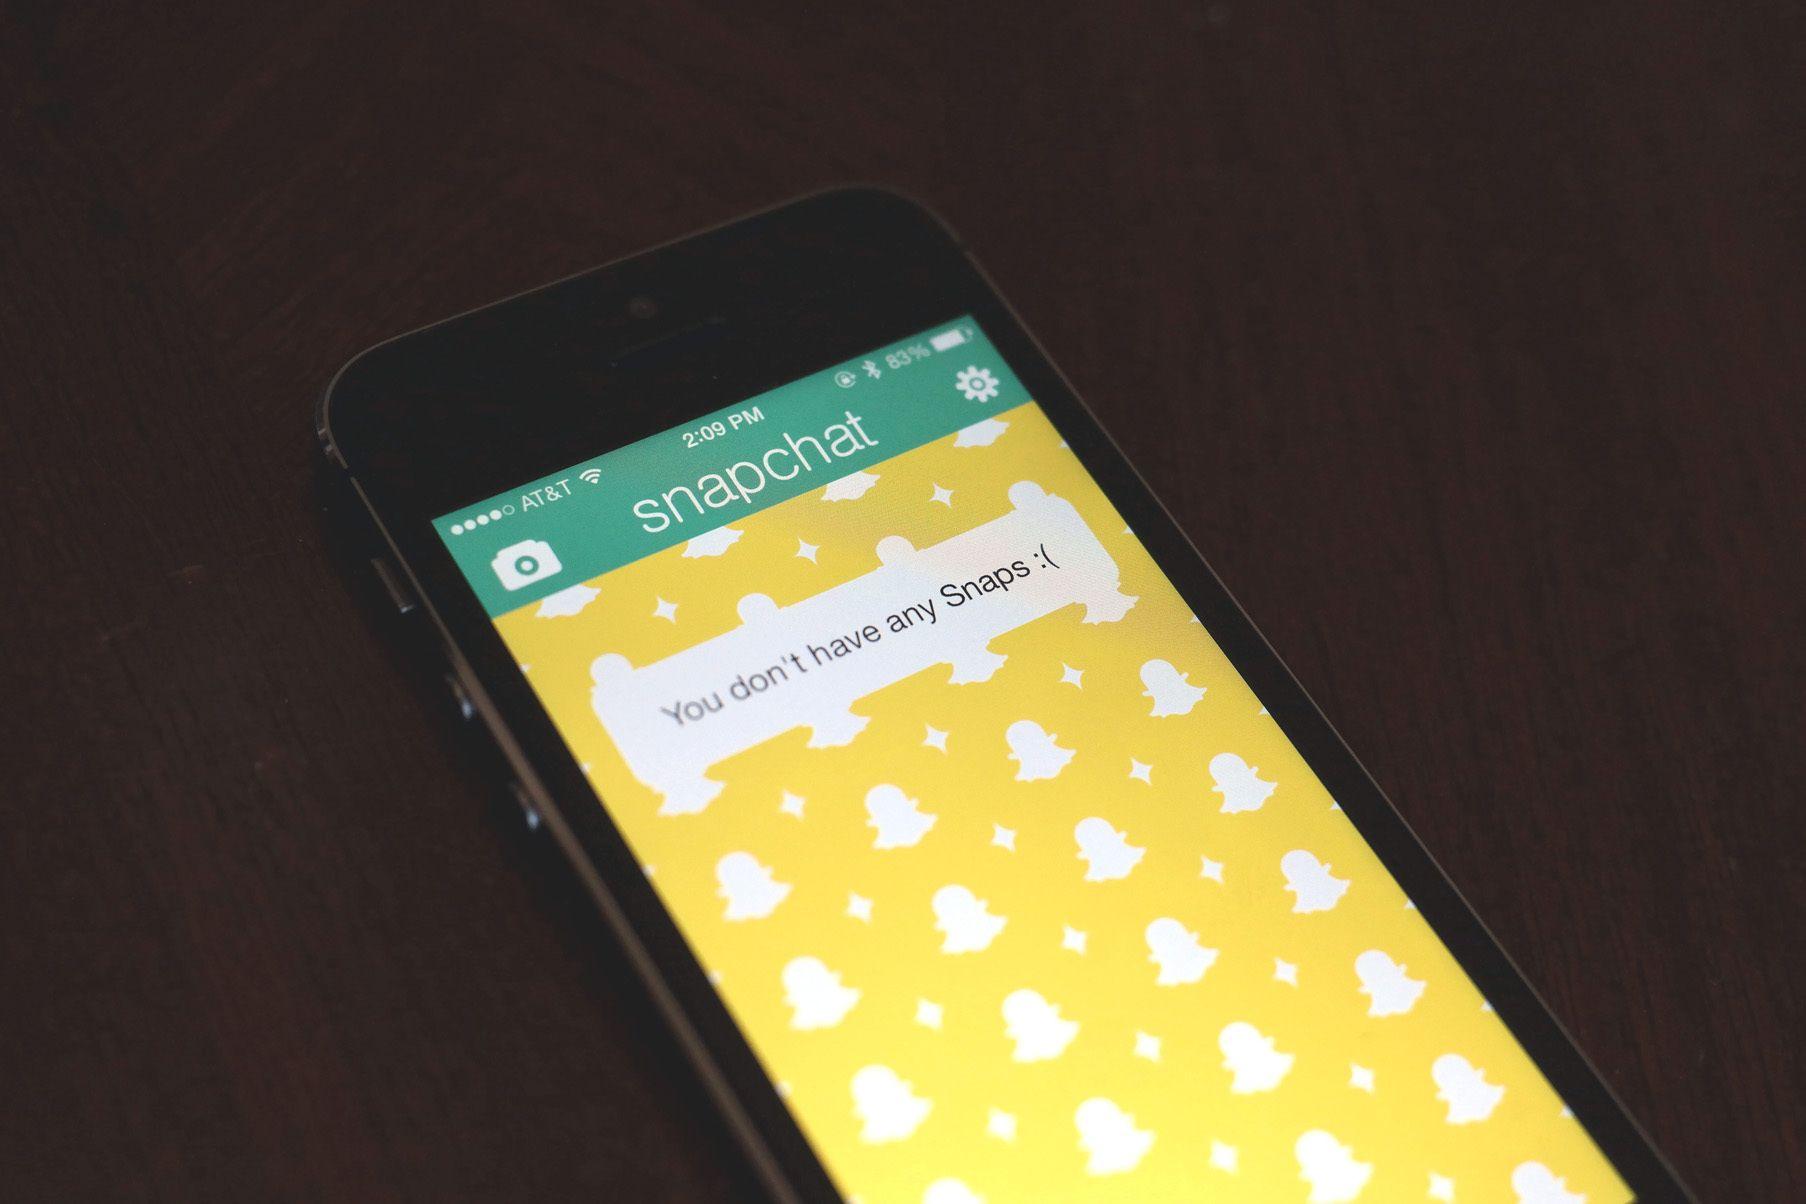 5d01905eeed5f2015d584e241c44b051 - How To Get Rid Of The Timer On Snapchat